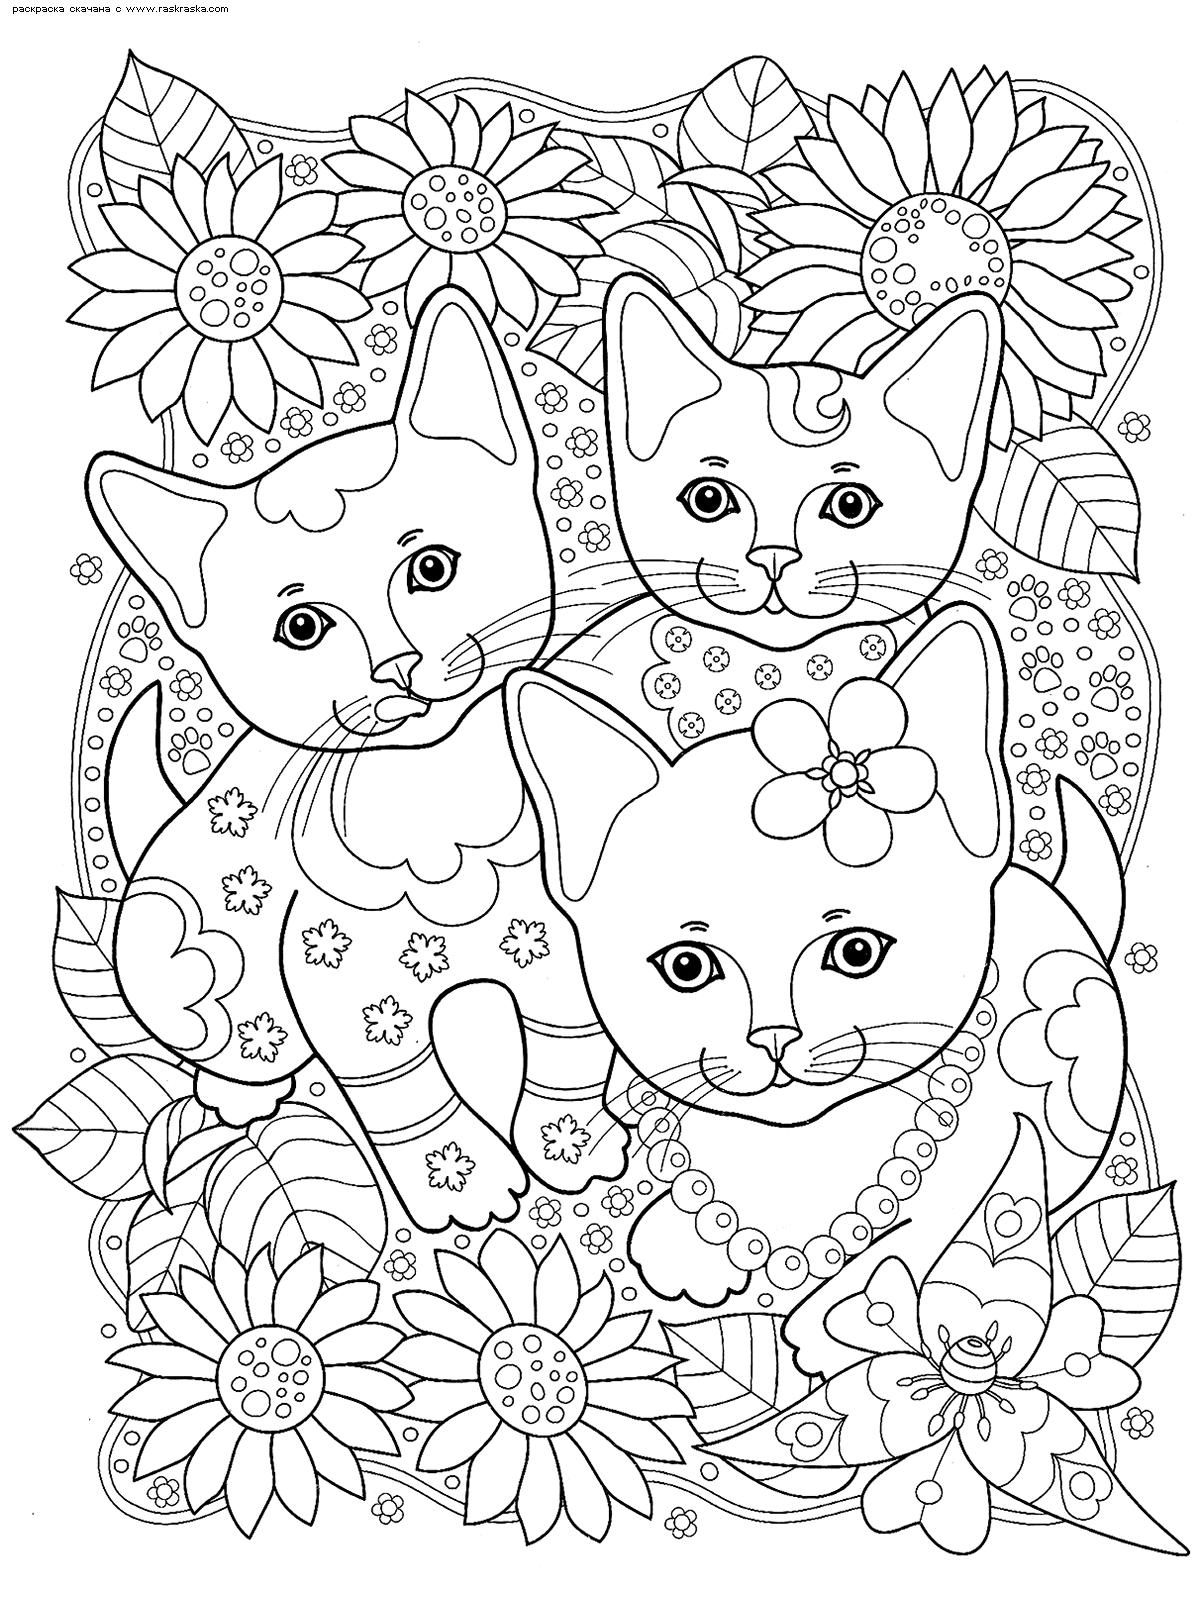 Раскраска Котята в саду. Раскраска котята, антистресс